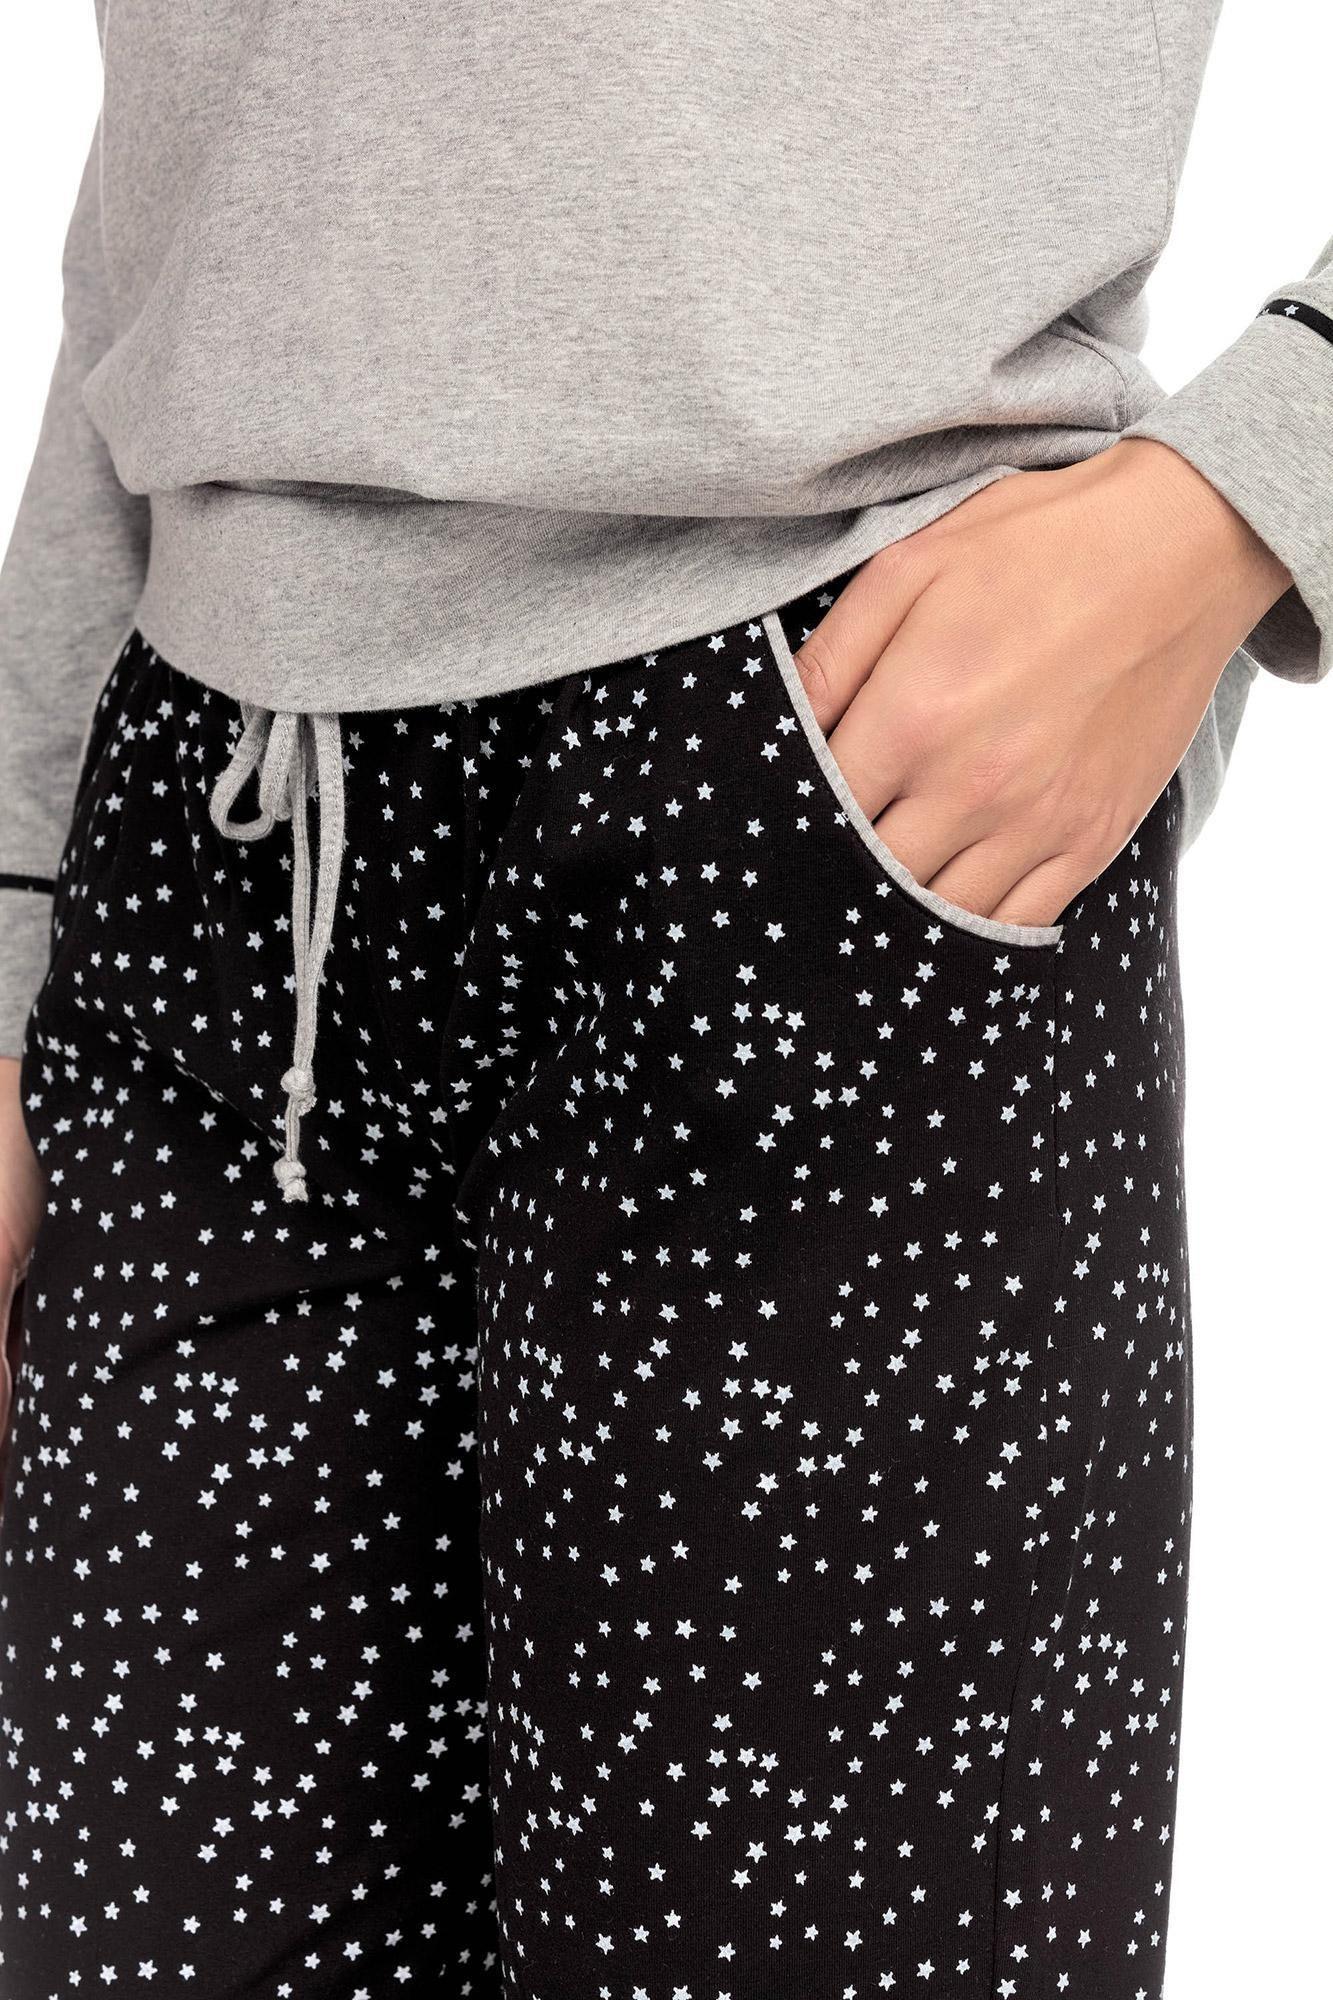 Women's Pyjamas with cuffs